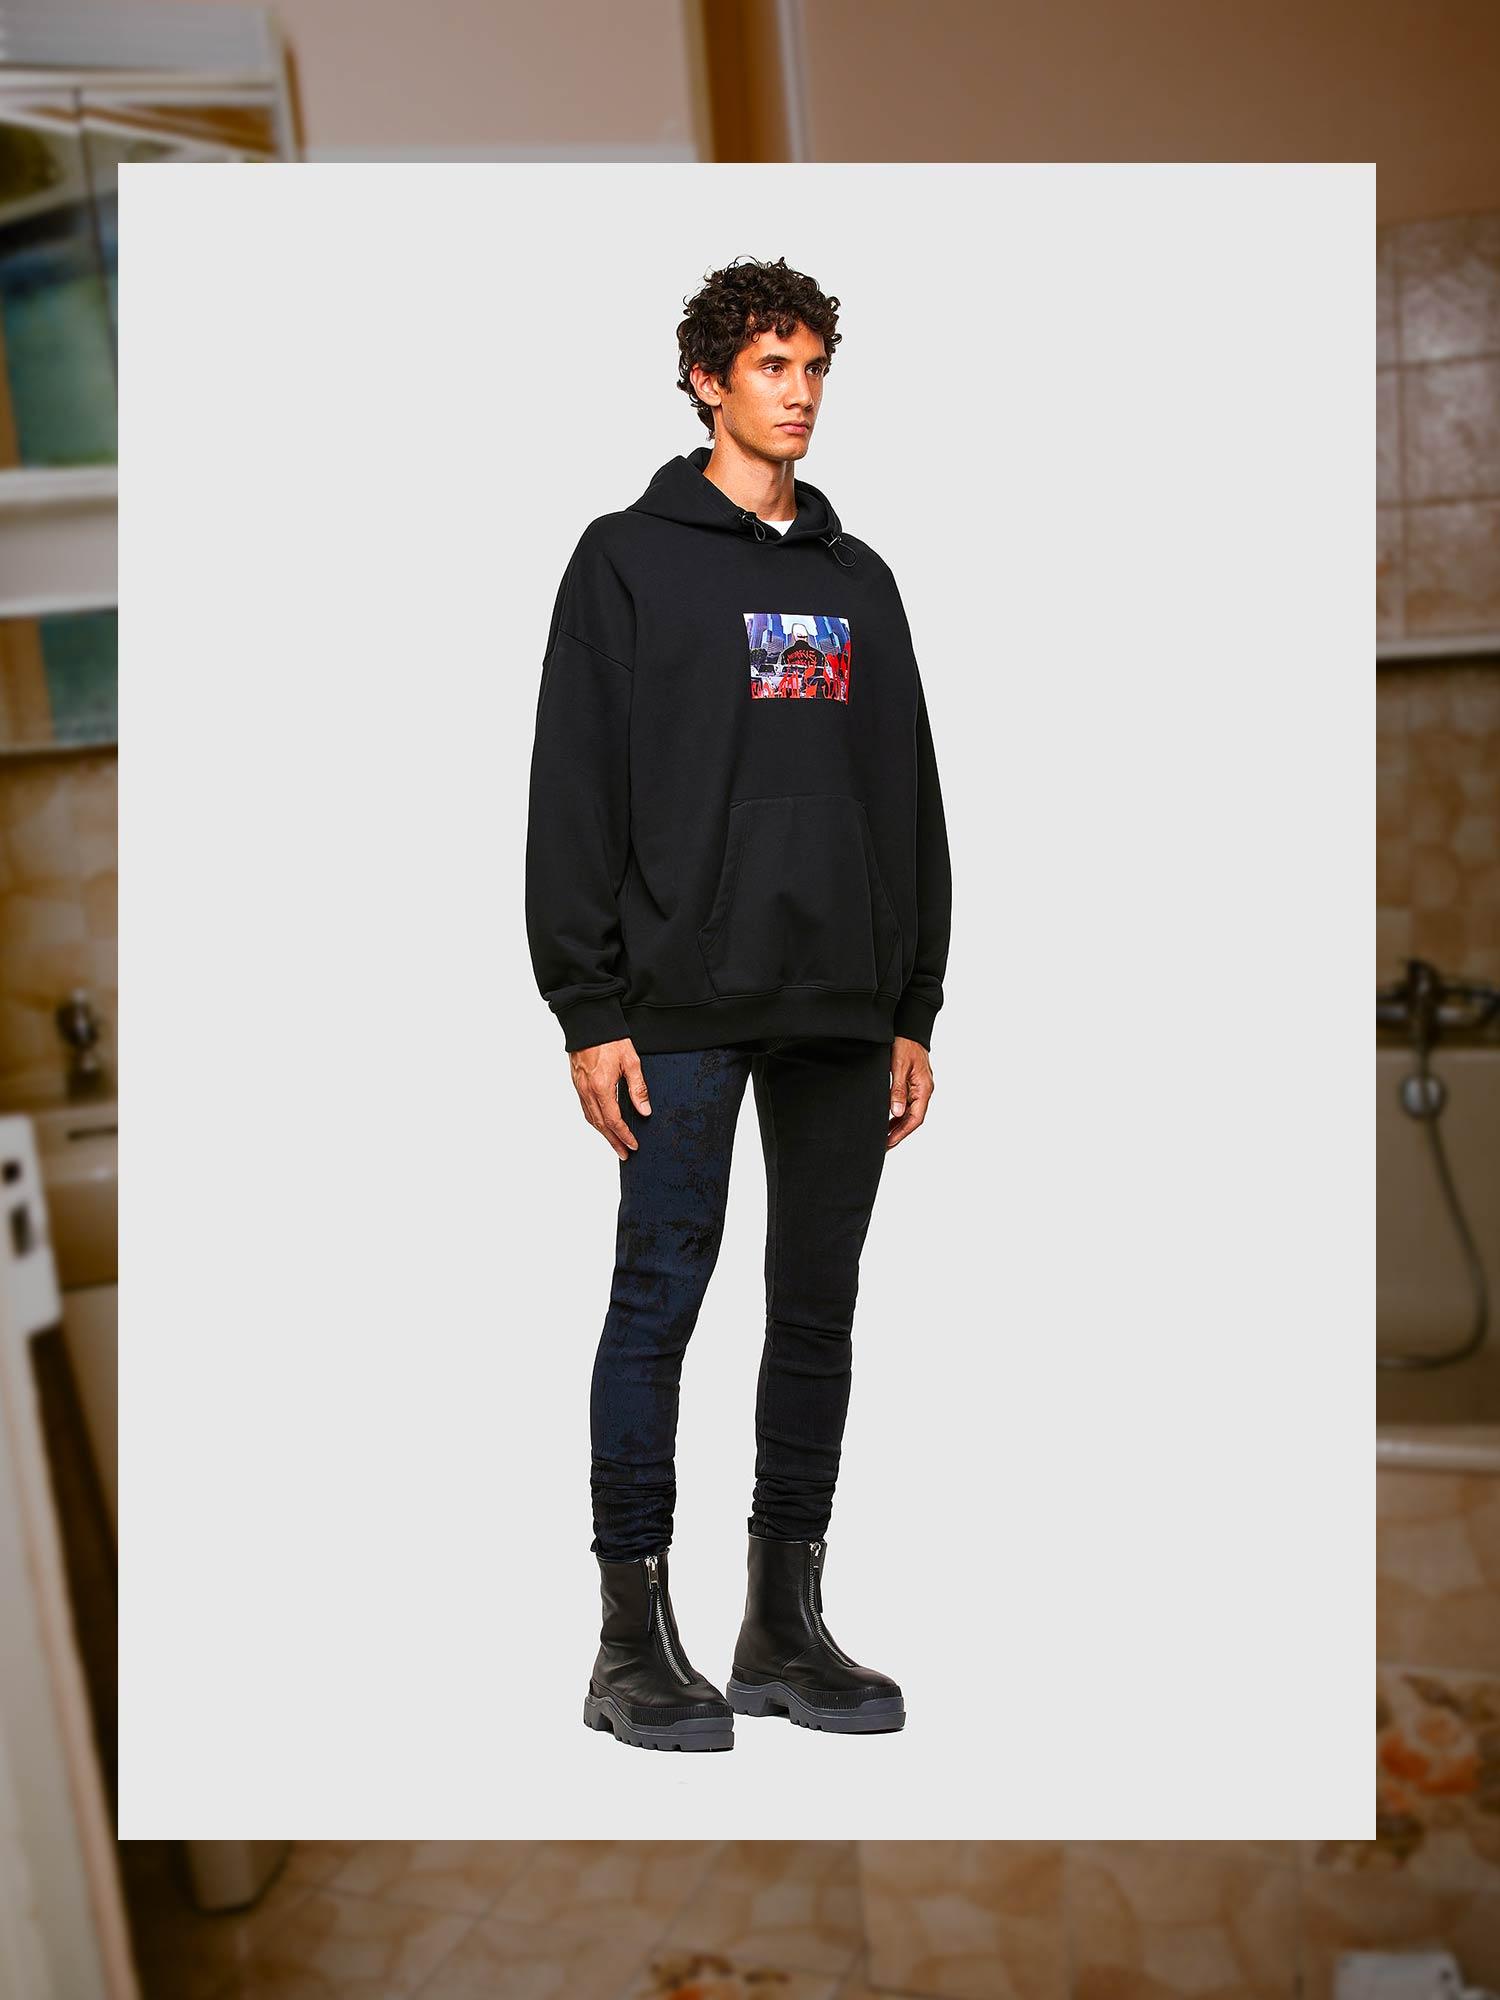 Diesel Jeans Skinny Fit: D-Amny | Shop Now on Diesel.com